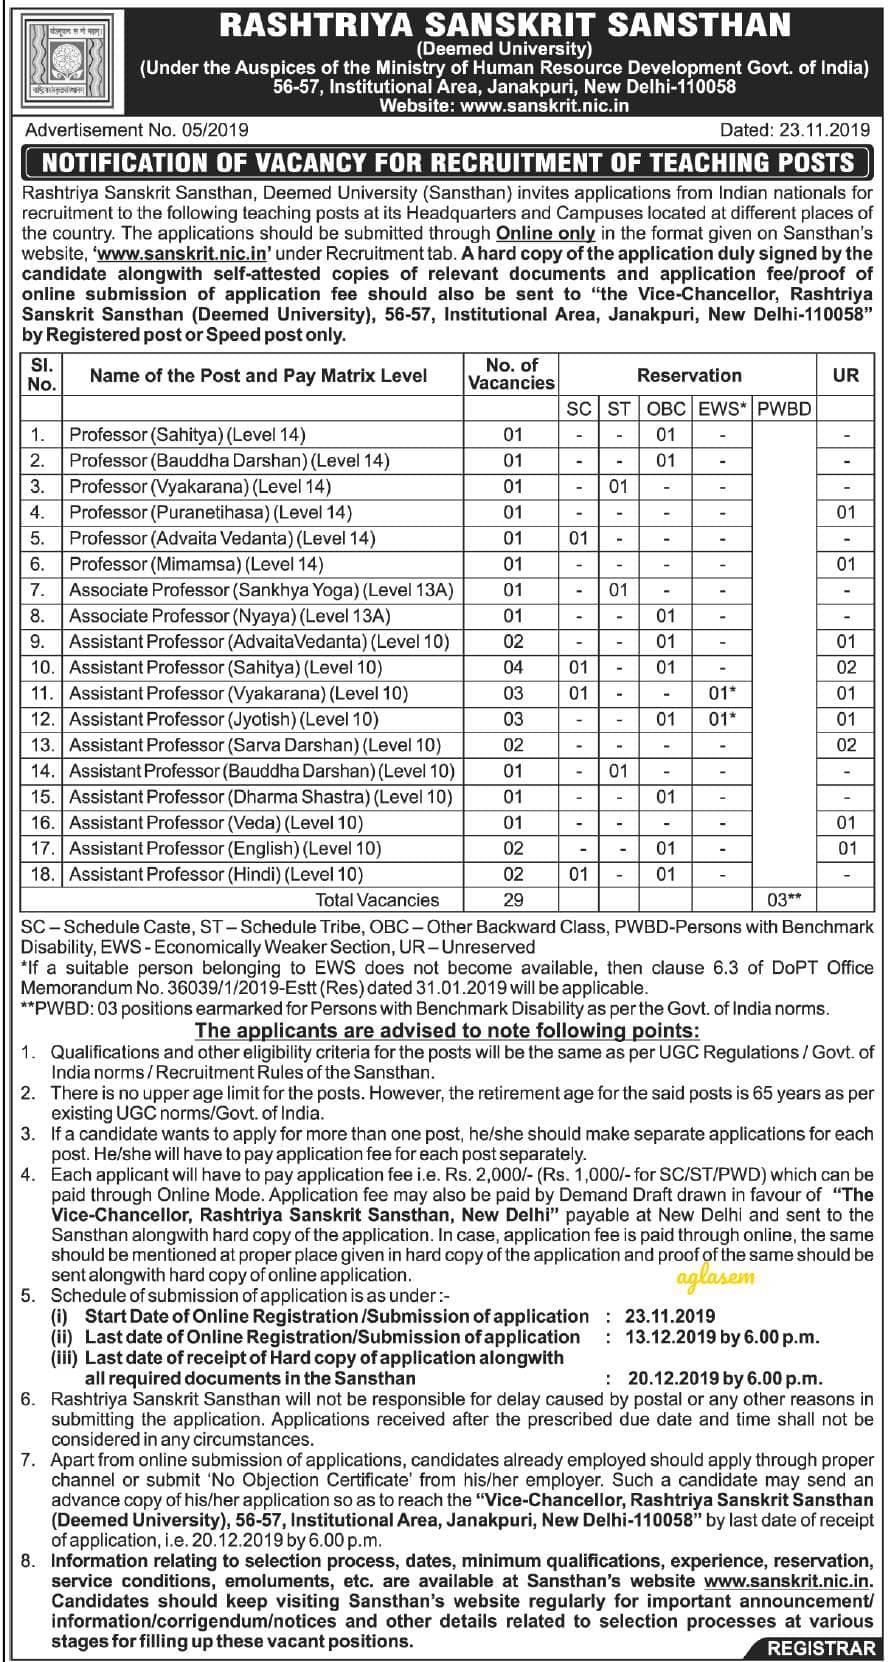 Rashtriya Sanskrit Sansthan Recruitment 2019 Notification Released for Professor, Assistant Professor, Associate Professor Posts